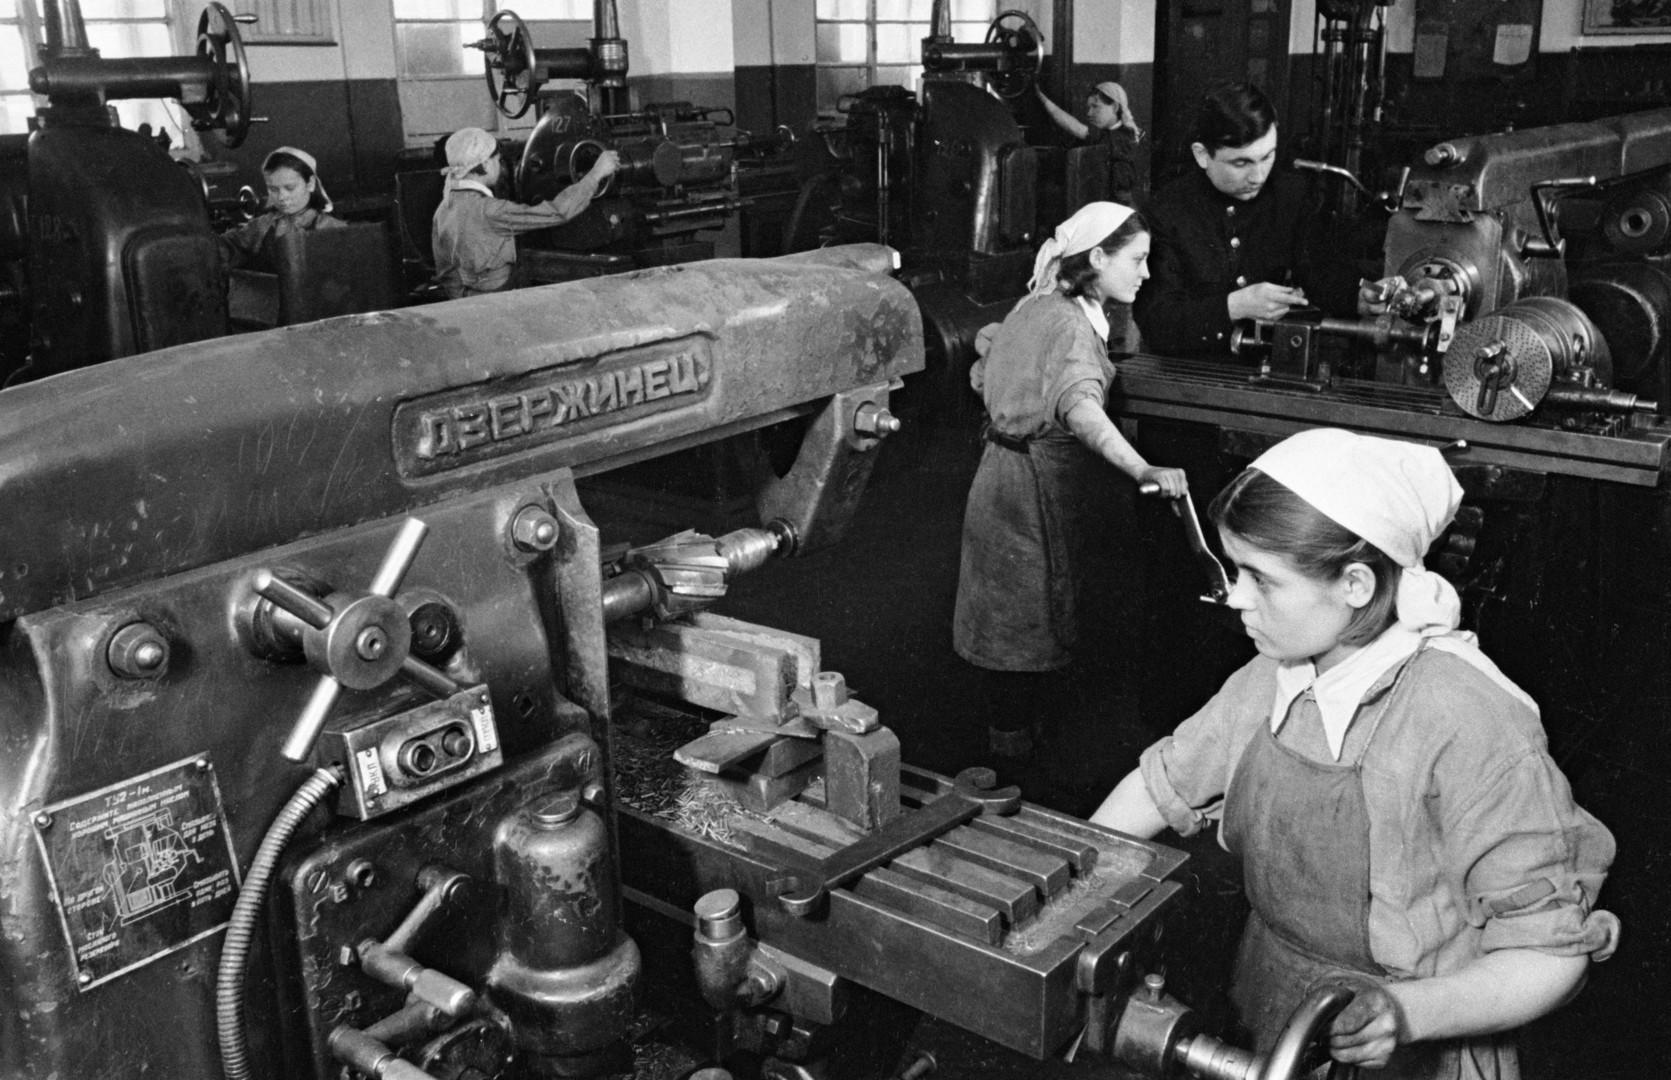 Im Hinterland war die Lage der Frauen nicht viel leichter, als an der Front. Sie arbeiteten Tag und Nacht in Fabriken und bewerkstelligten eine Arbeit für zwei: sich und des Mannes, der an der Front kämpfte.